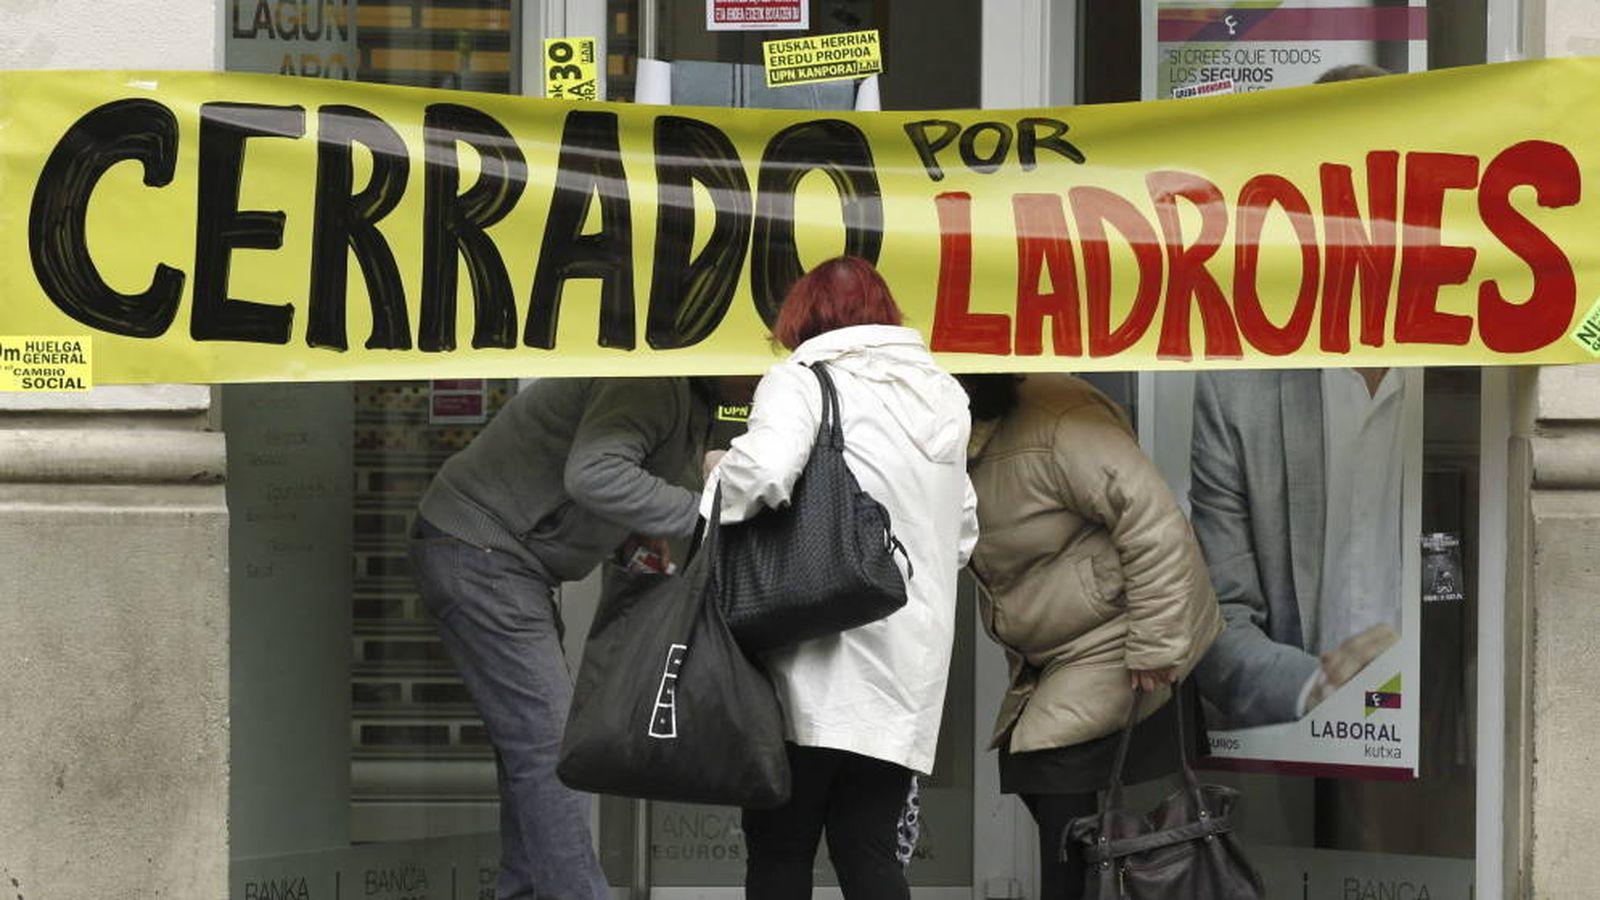 Foto: Protesta en contra de los recortes, la reforma laboral y la corrupción.